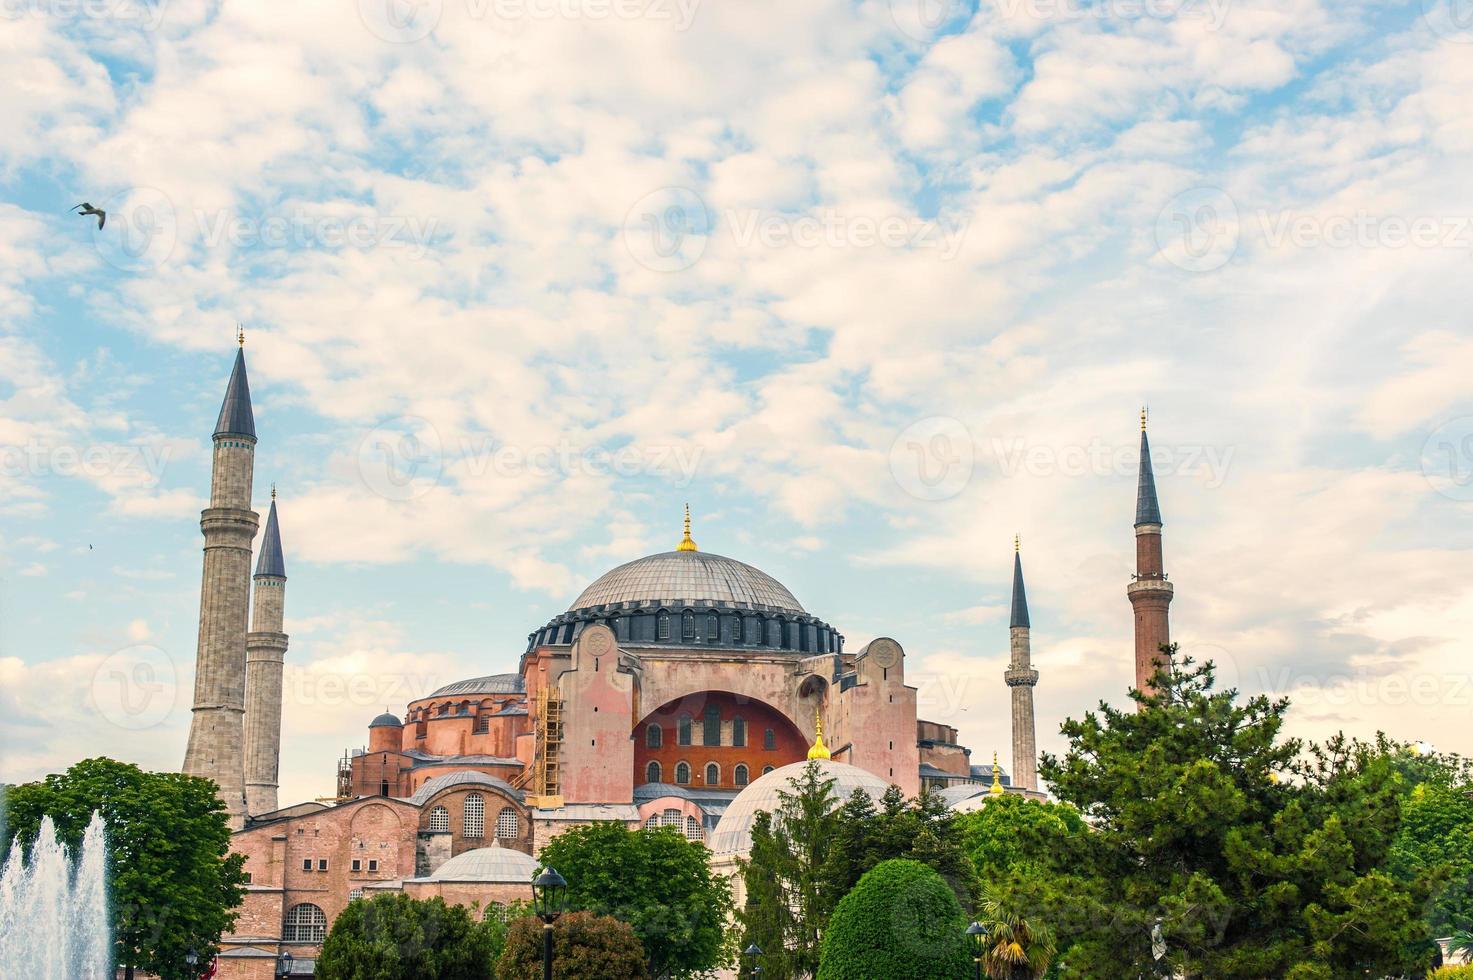 altes Hagia Sophia Exterieur foto